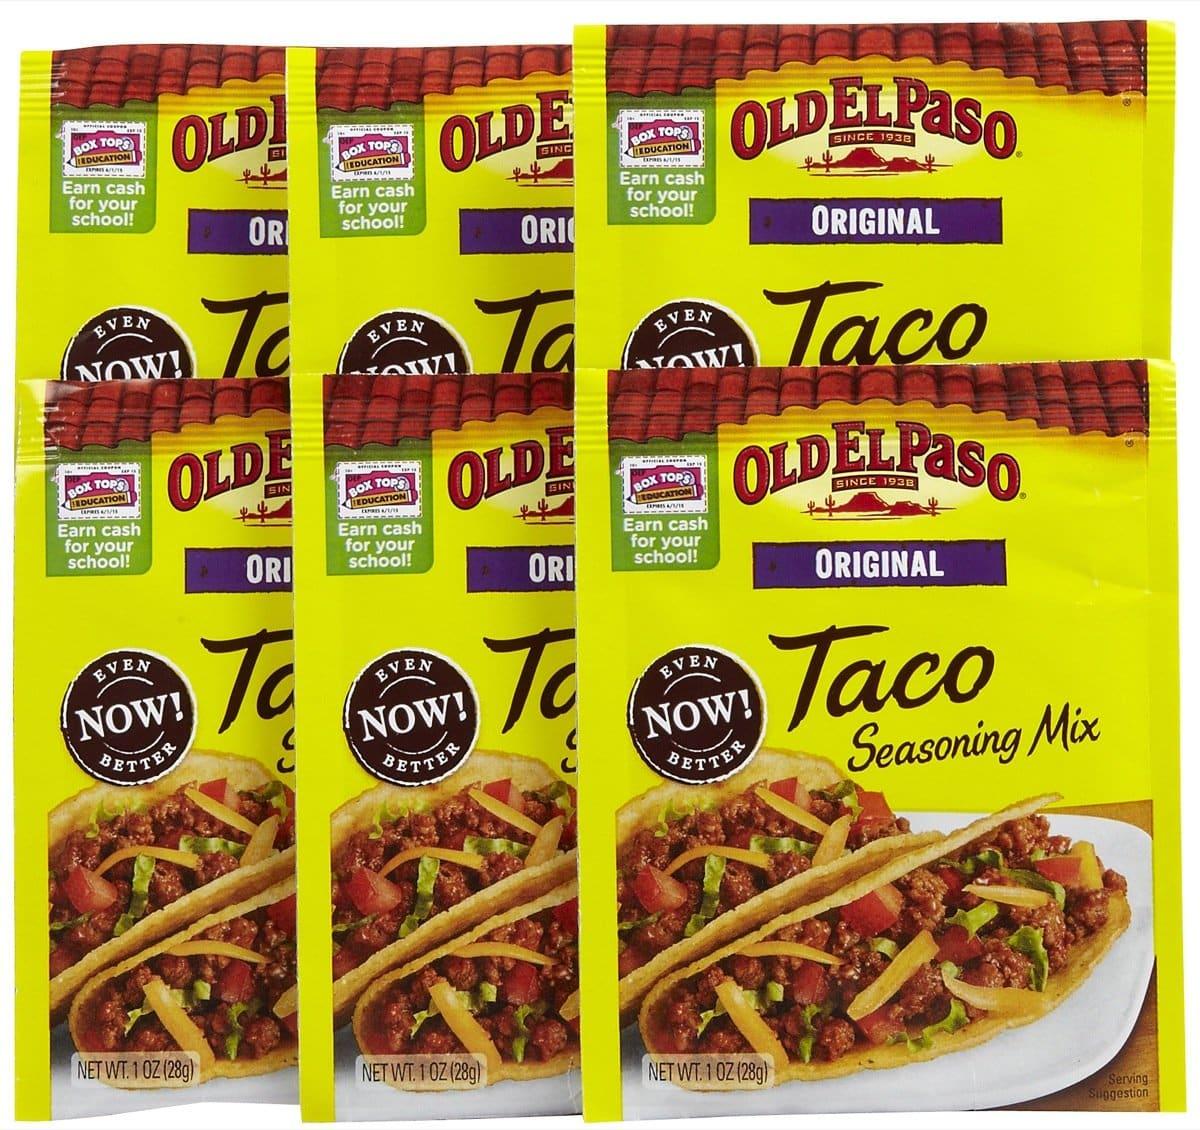 Taco Seasoning Ingredients: What's In That Packet?